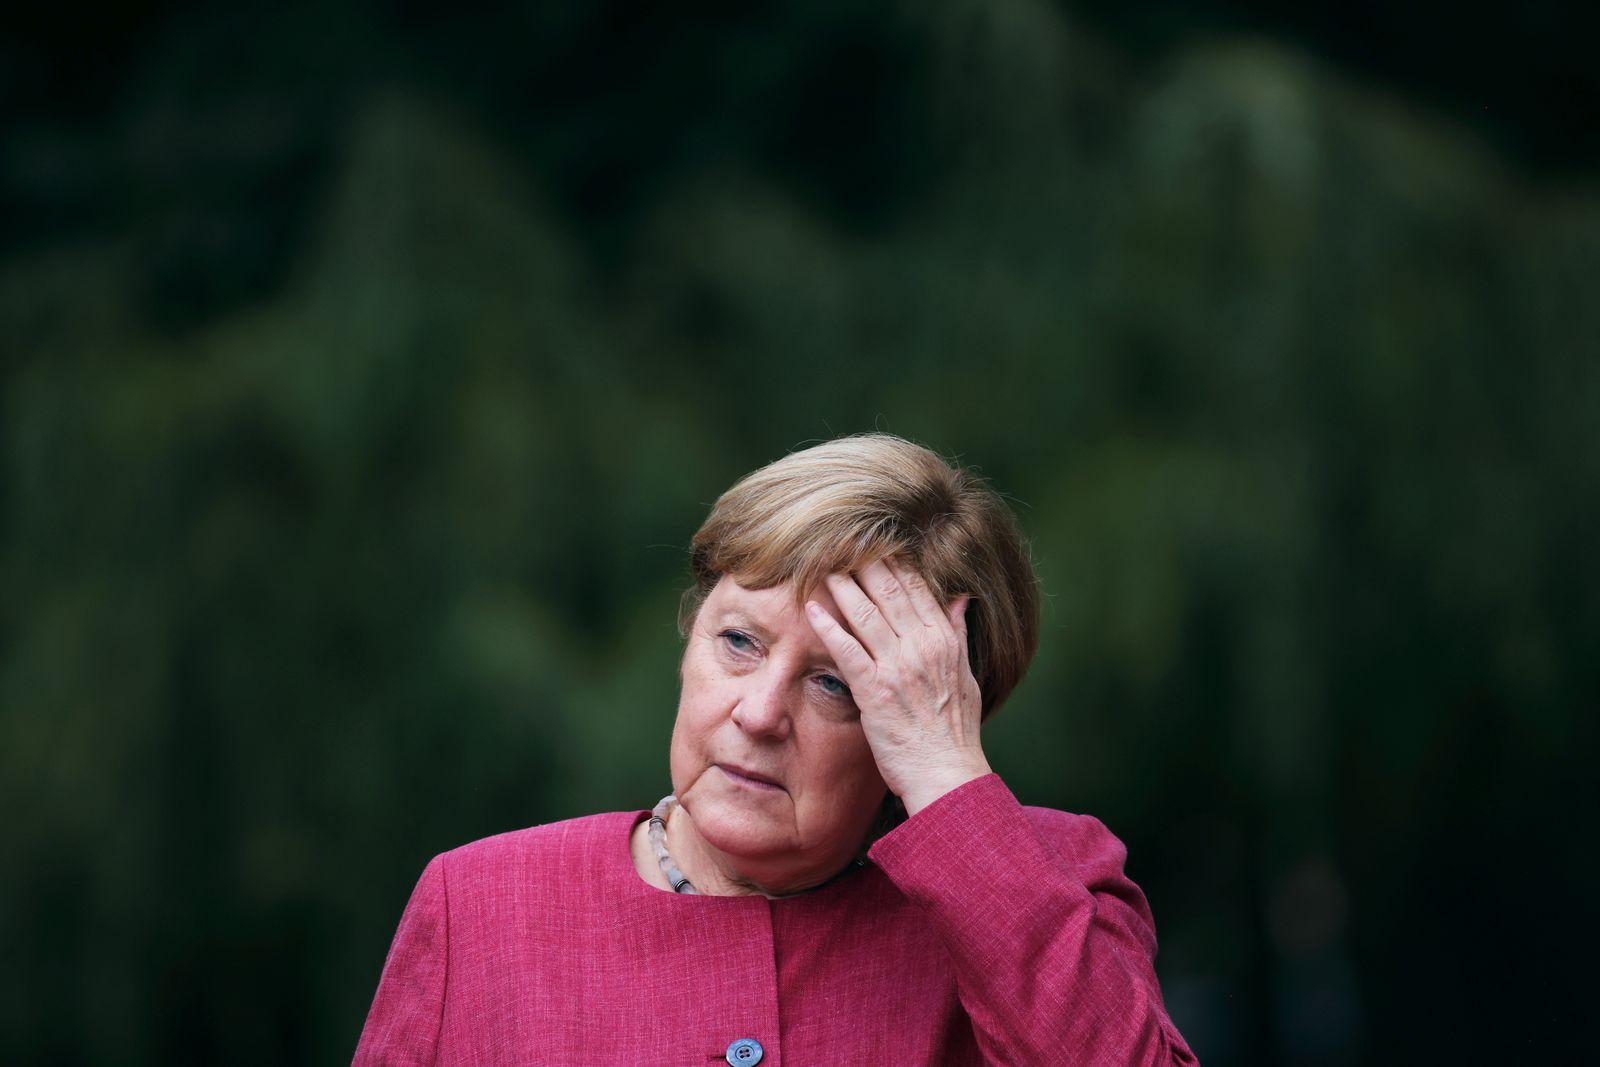 Angela Merkel Visits Her Home Town